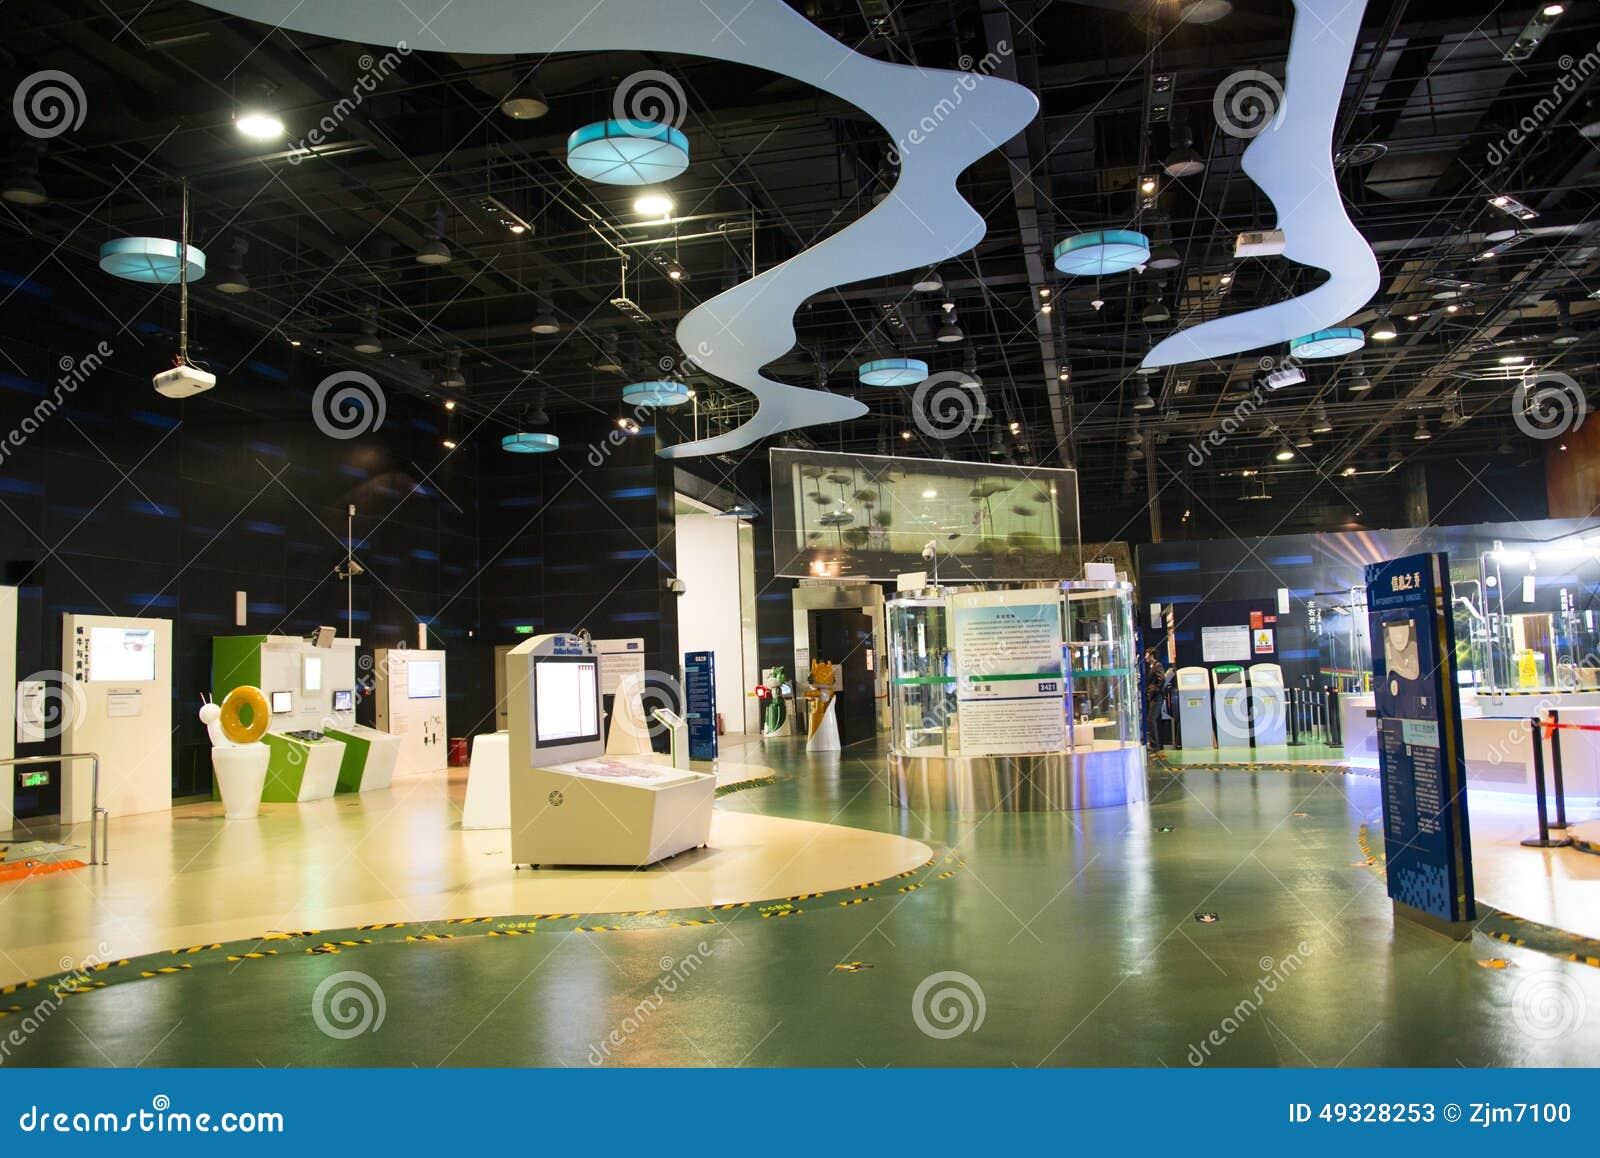 D Technology Exhibition : Asiatique chine pékin hall d exposition chinois de